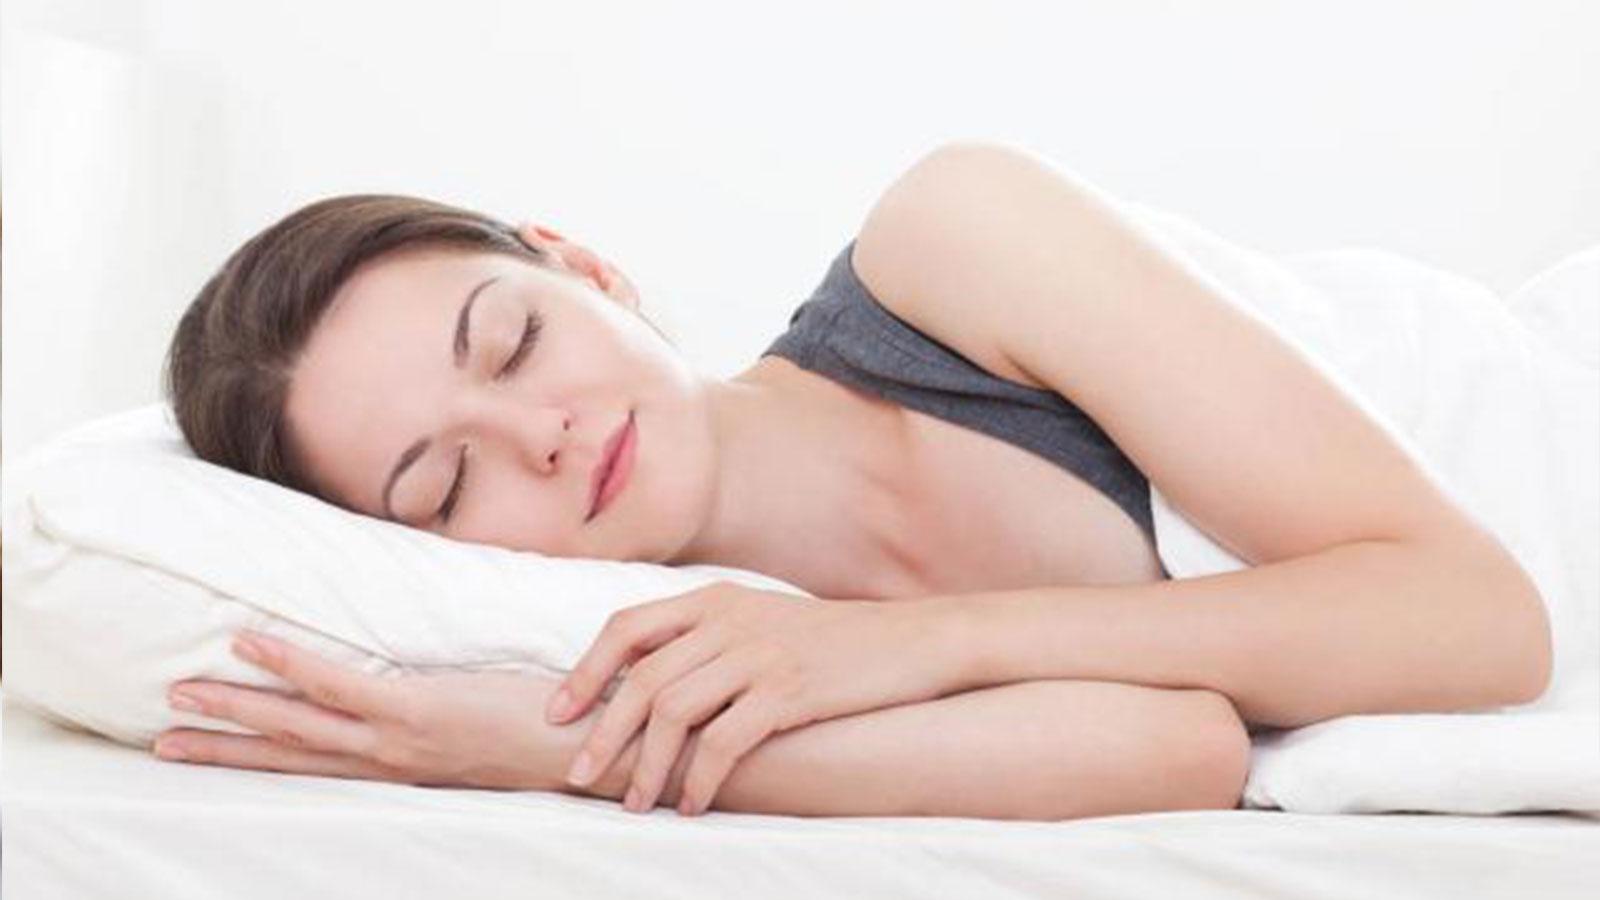 【肌ケア連載】専門家に聞く。睡眠と肌ケアの関係って?良質な睡眠をとるコツとは!【第五回】